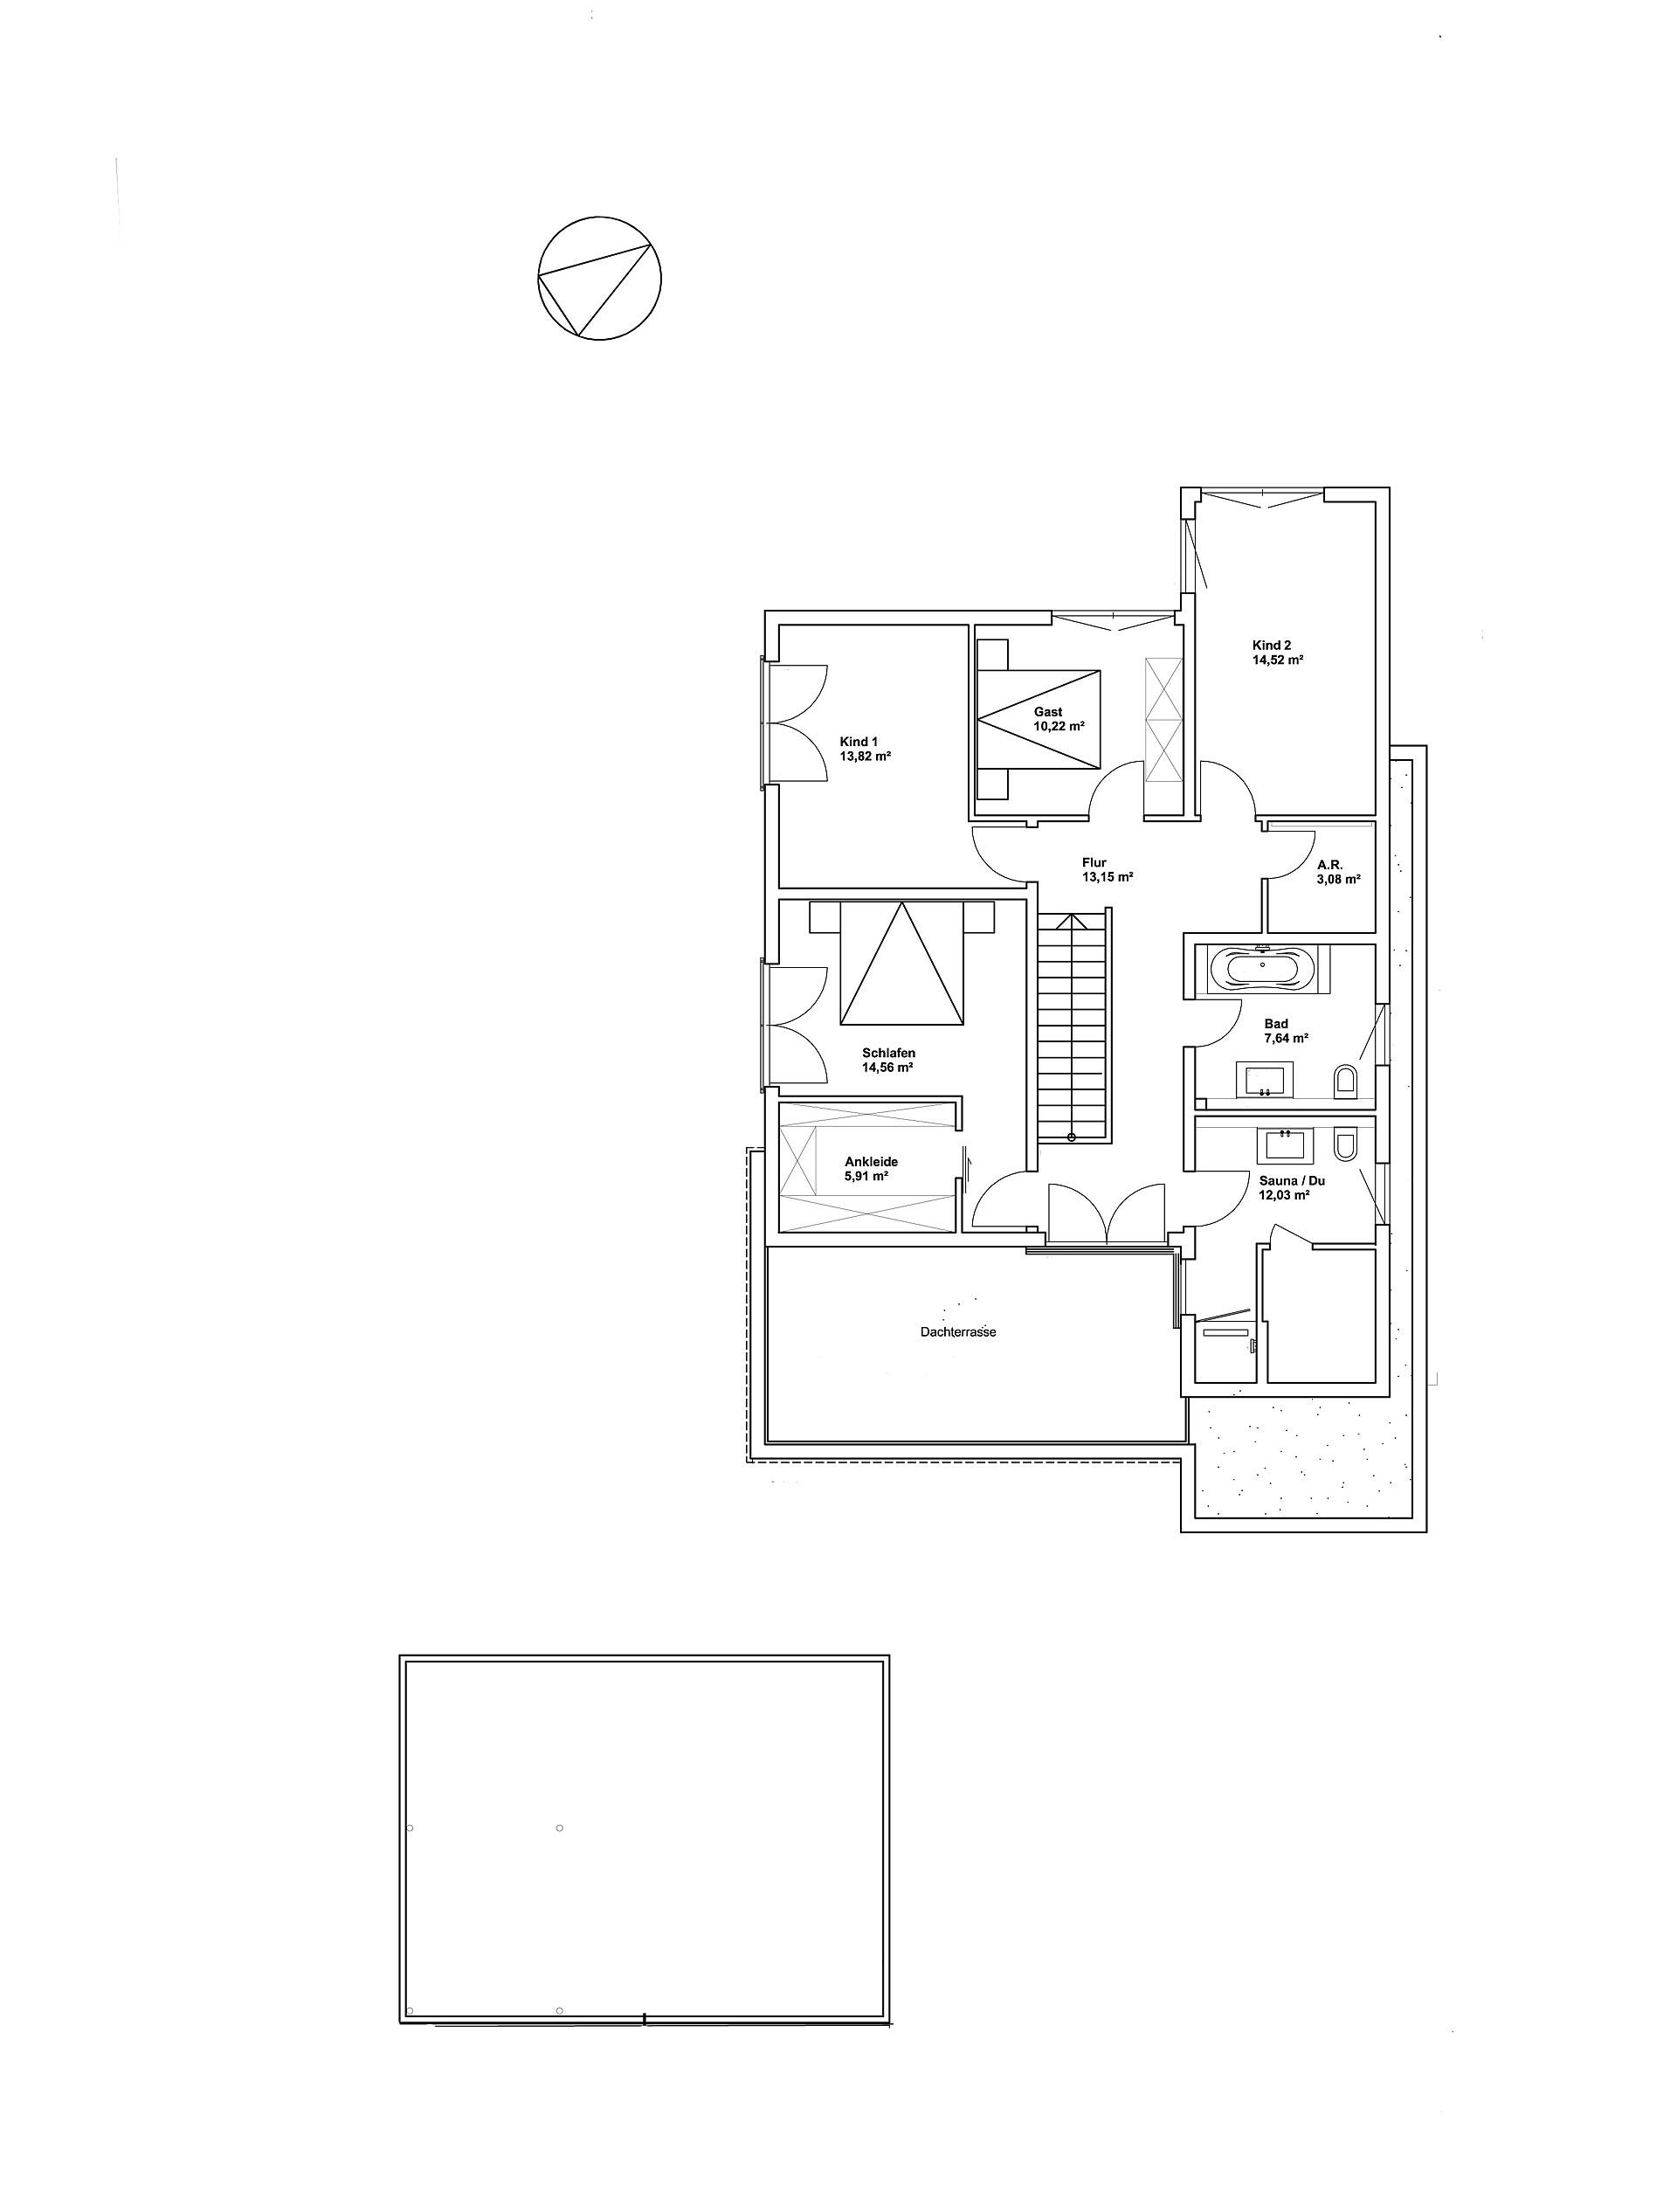 Obergeschoss Pultdach Klassik 197 von LUXHAUS Vertrieb GmbH & Co. KG